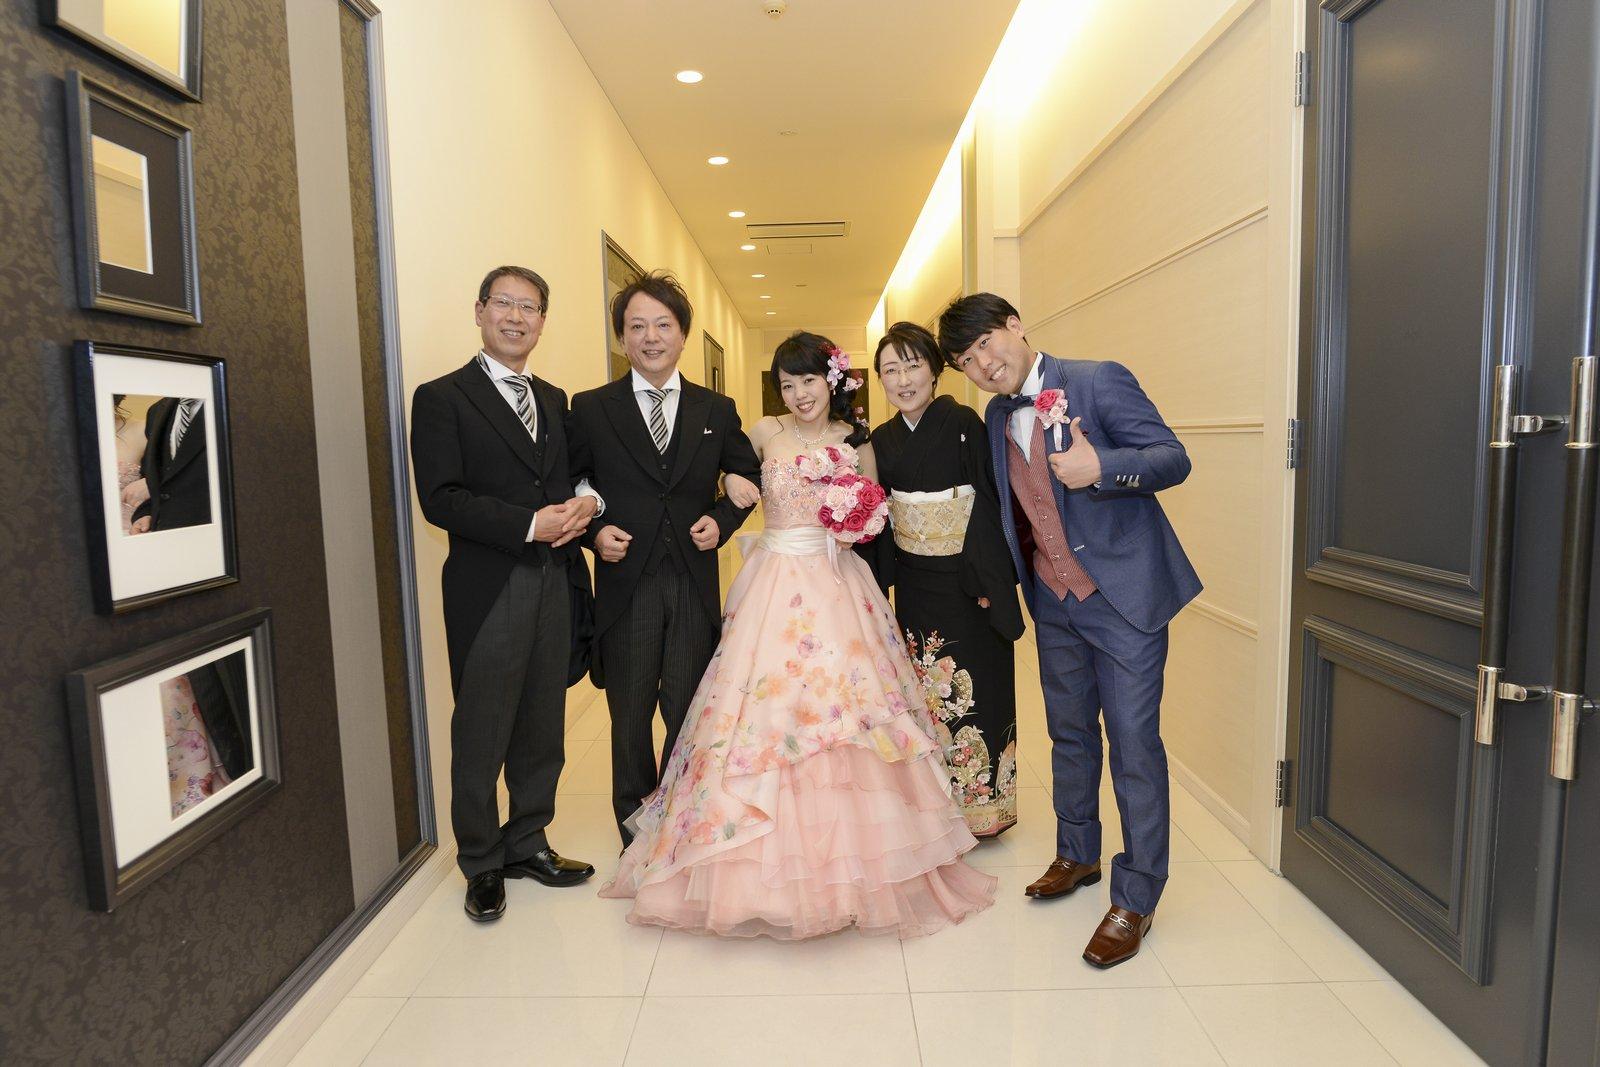 徳島市の結婚式場ブランアンジュで家族写真